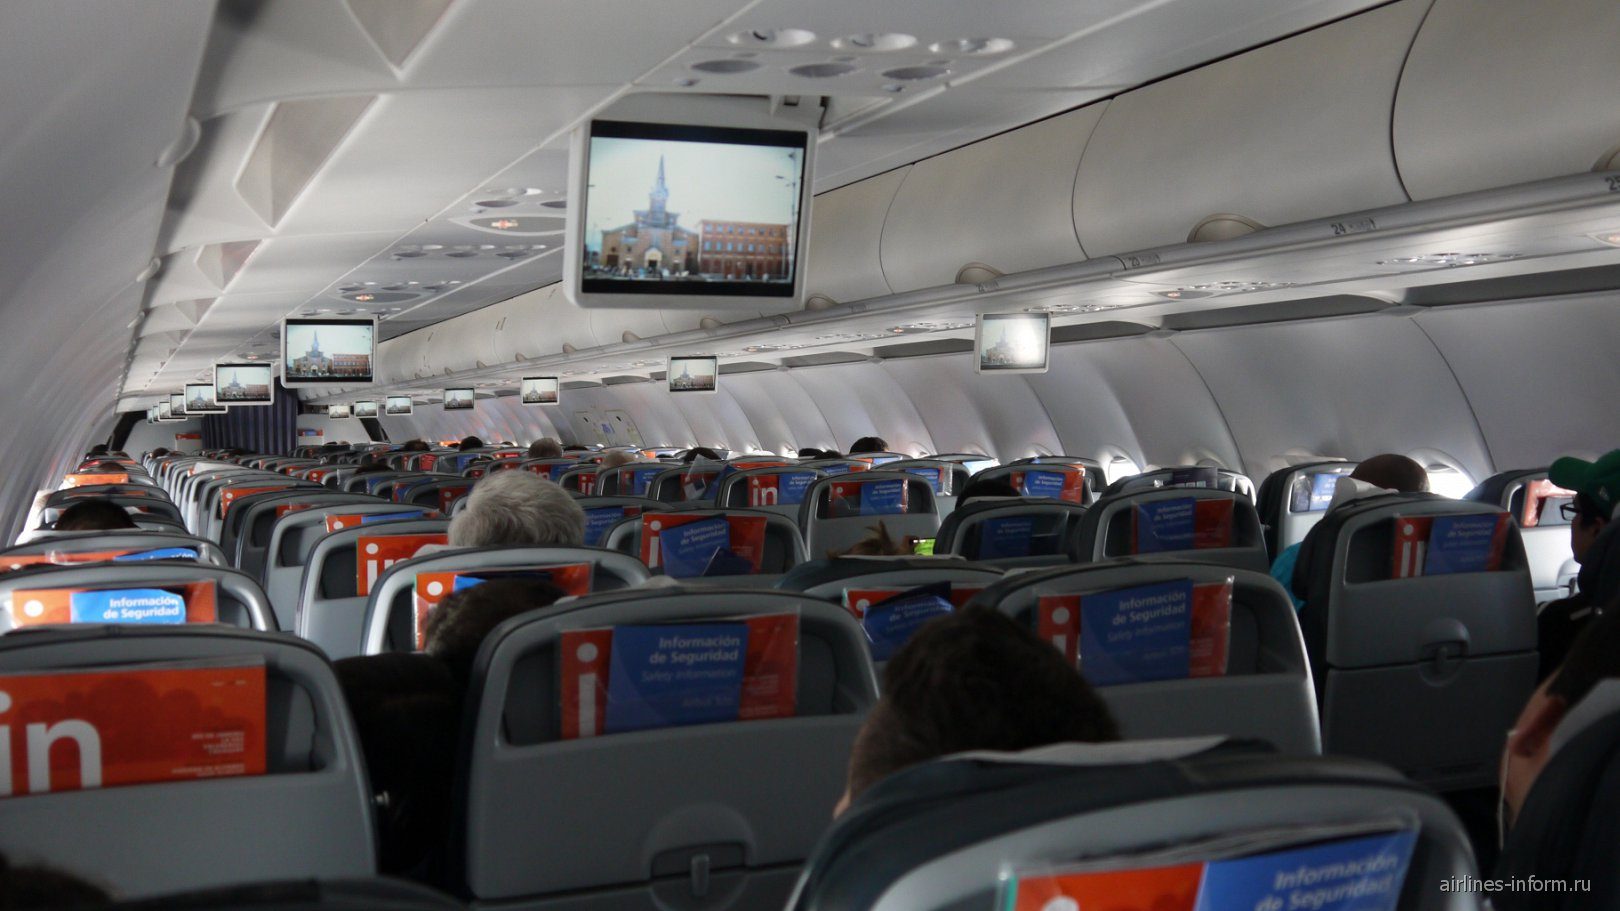 Салон самолета Airbus A320 авиакомпании LAN Colombia